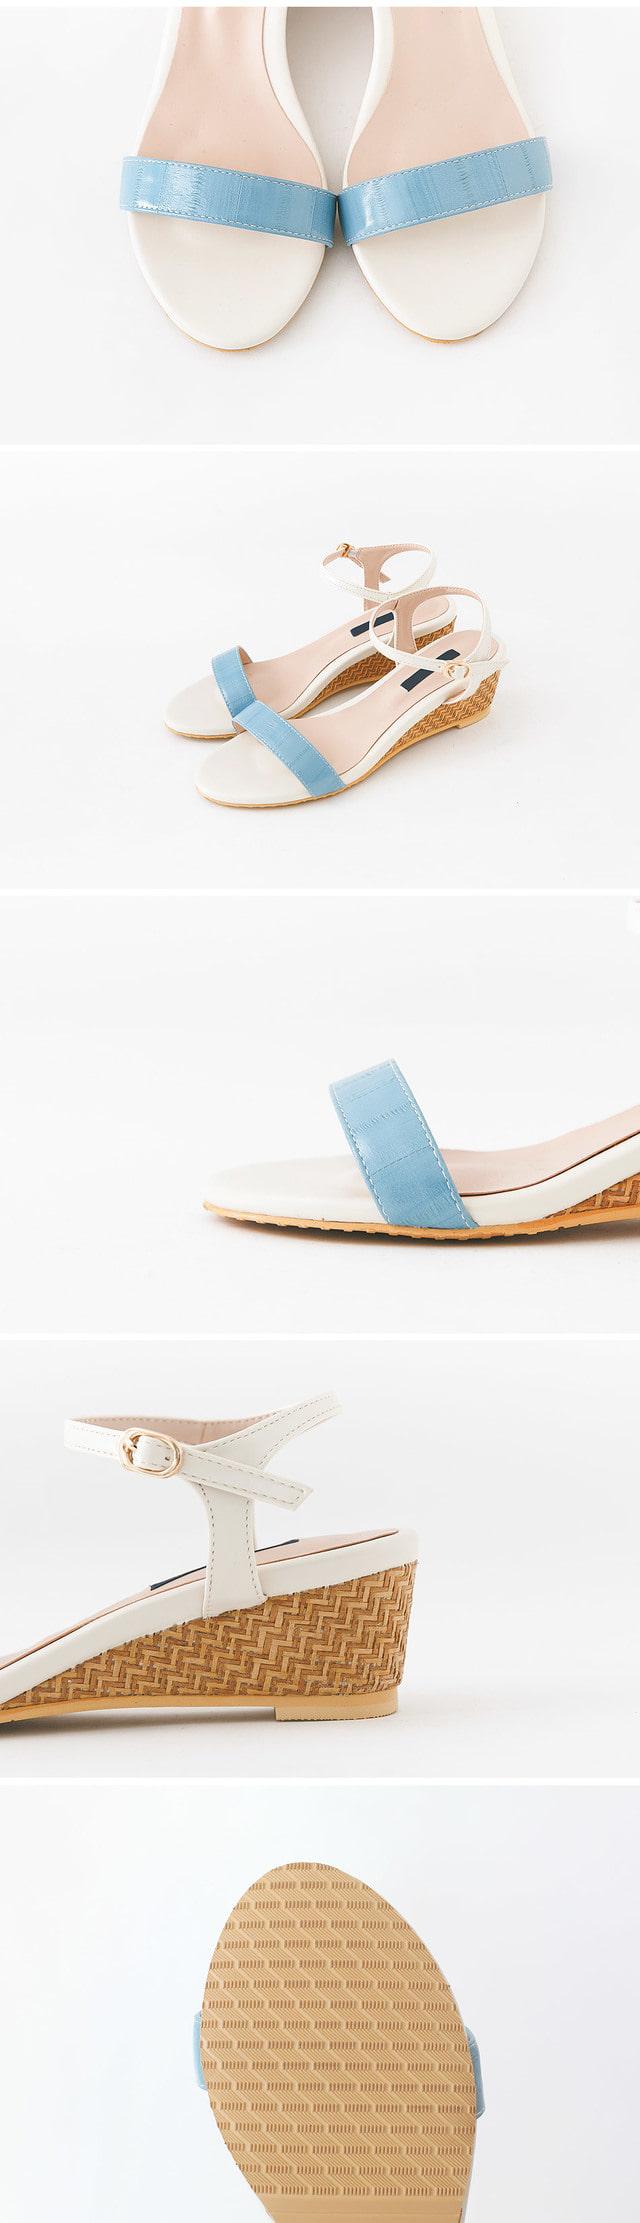 Wedgehole sandals 5cm